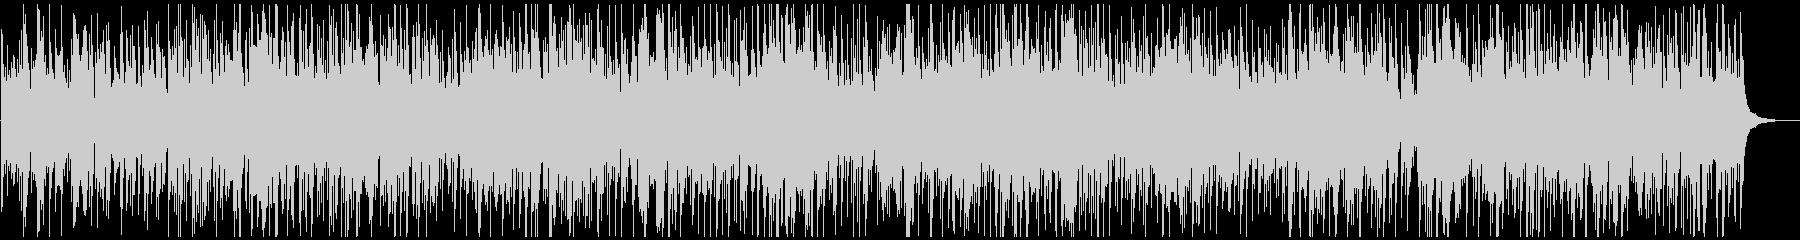 マンドリンソロのカントリーバラードの未再生の波形